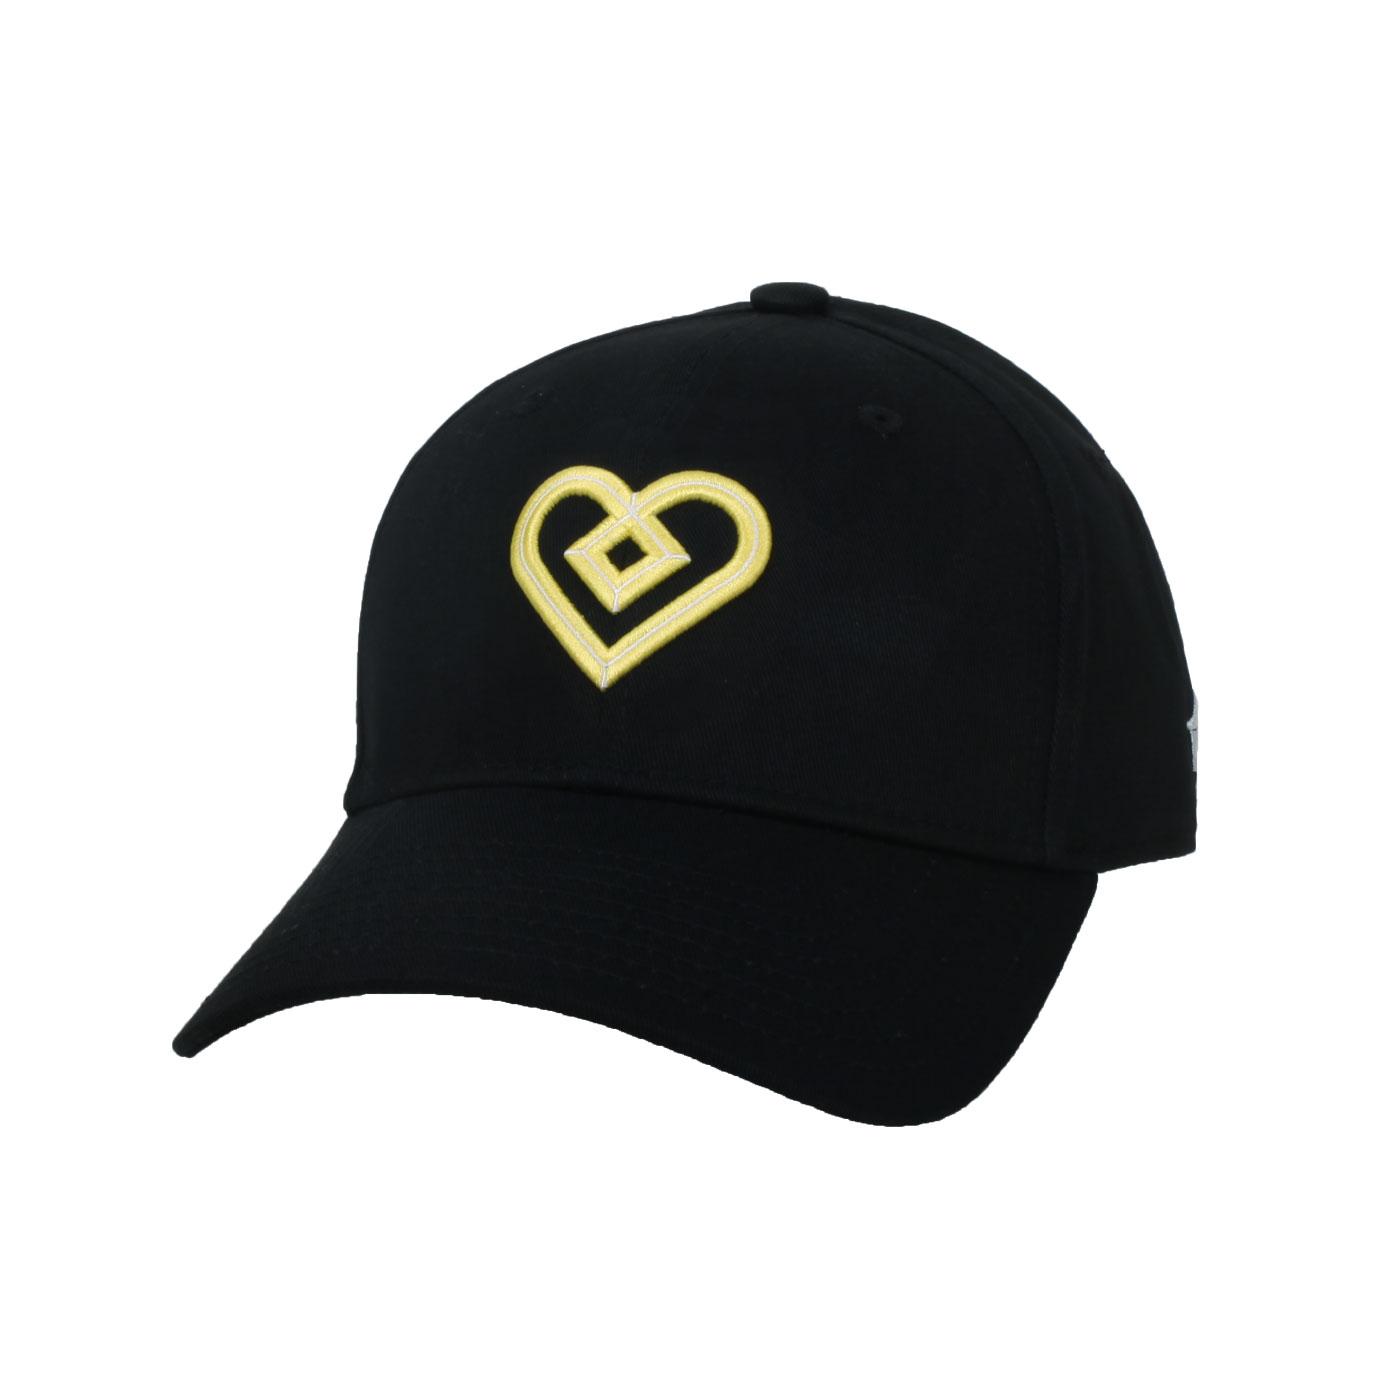 KAPPA DD52聯名球帽 35151EW-005 - 黑黃